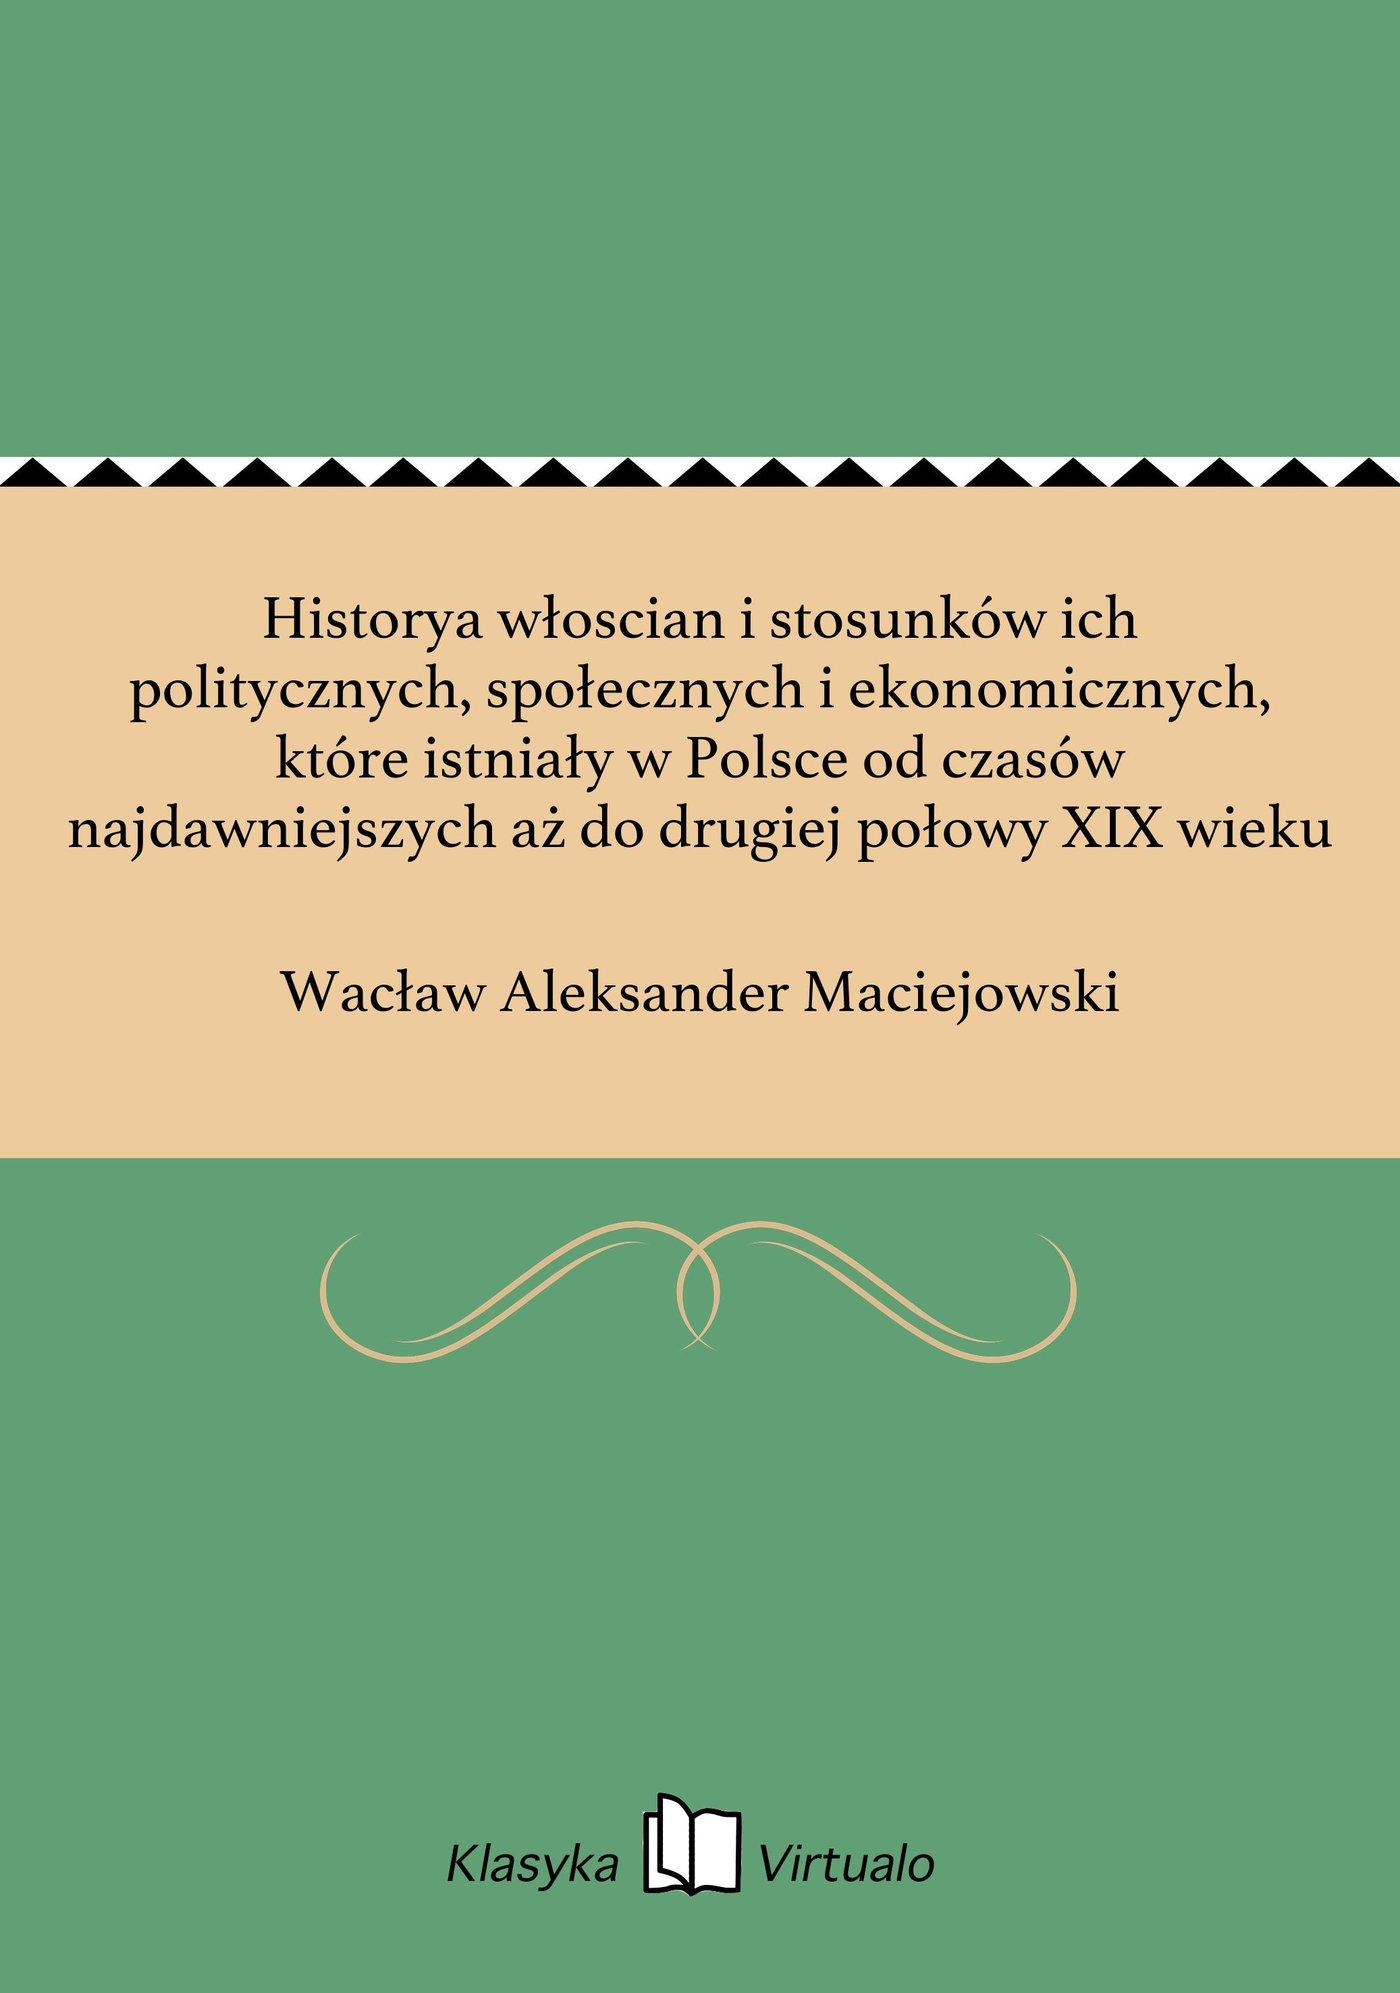 Historya włoscian i stosunków ich politycznych, społecznych i ekonomicznych, które istniały w Polsce od czasów najdawniejszych aż do drugiej połowy XIX wieku - Ebook (Książka EPUB) do pobrania w formacie EPUB